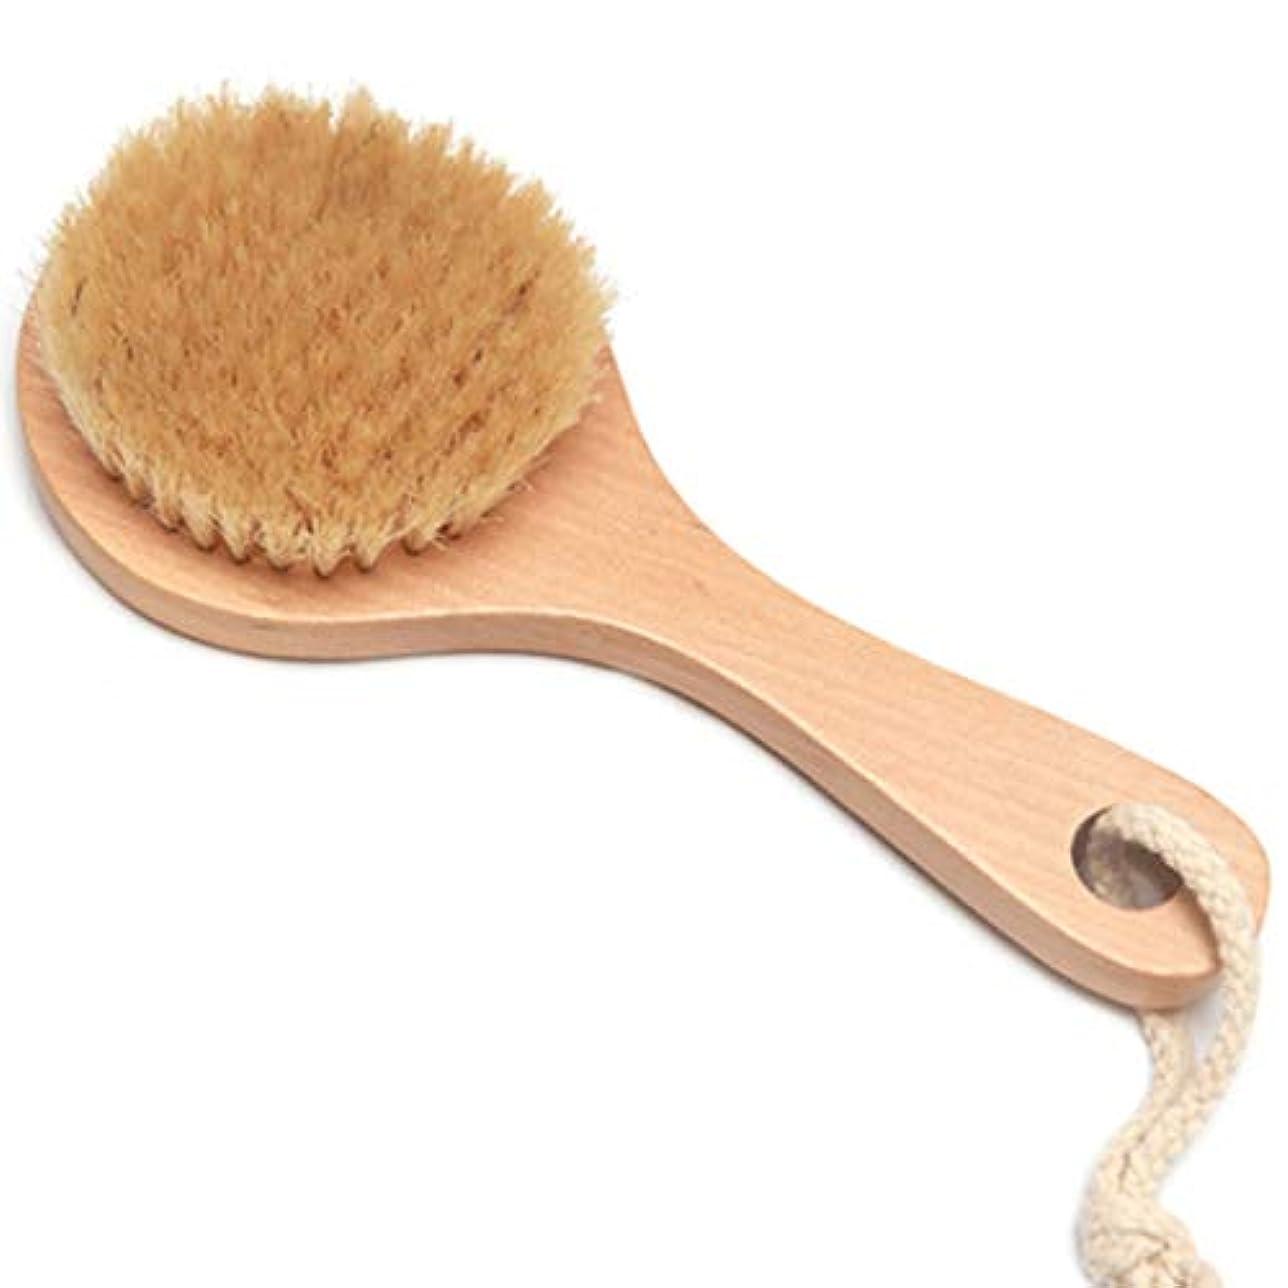 深遠慢会計士バスブラシバックブラシロングハンドルやわらかい毛髪バスブラシバスブラシ角質除去クリーニングブラシ (Color : Wood color, Size : 20*7.5cm)